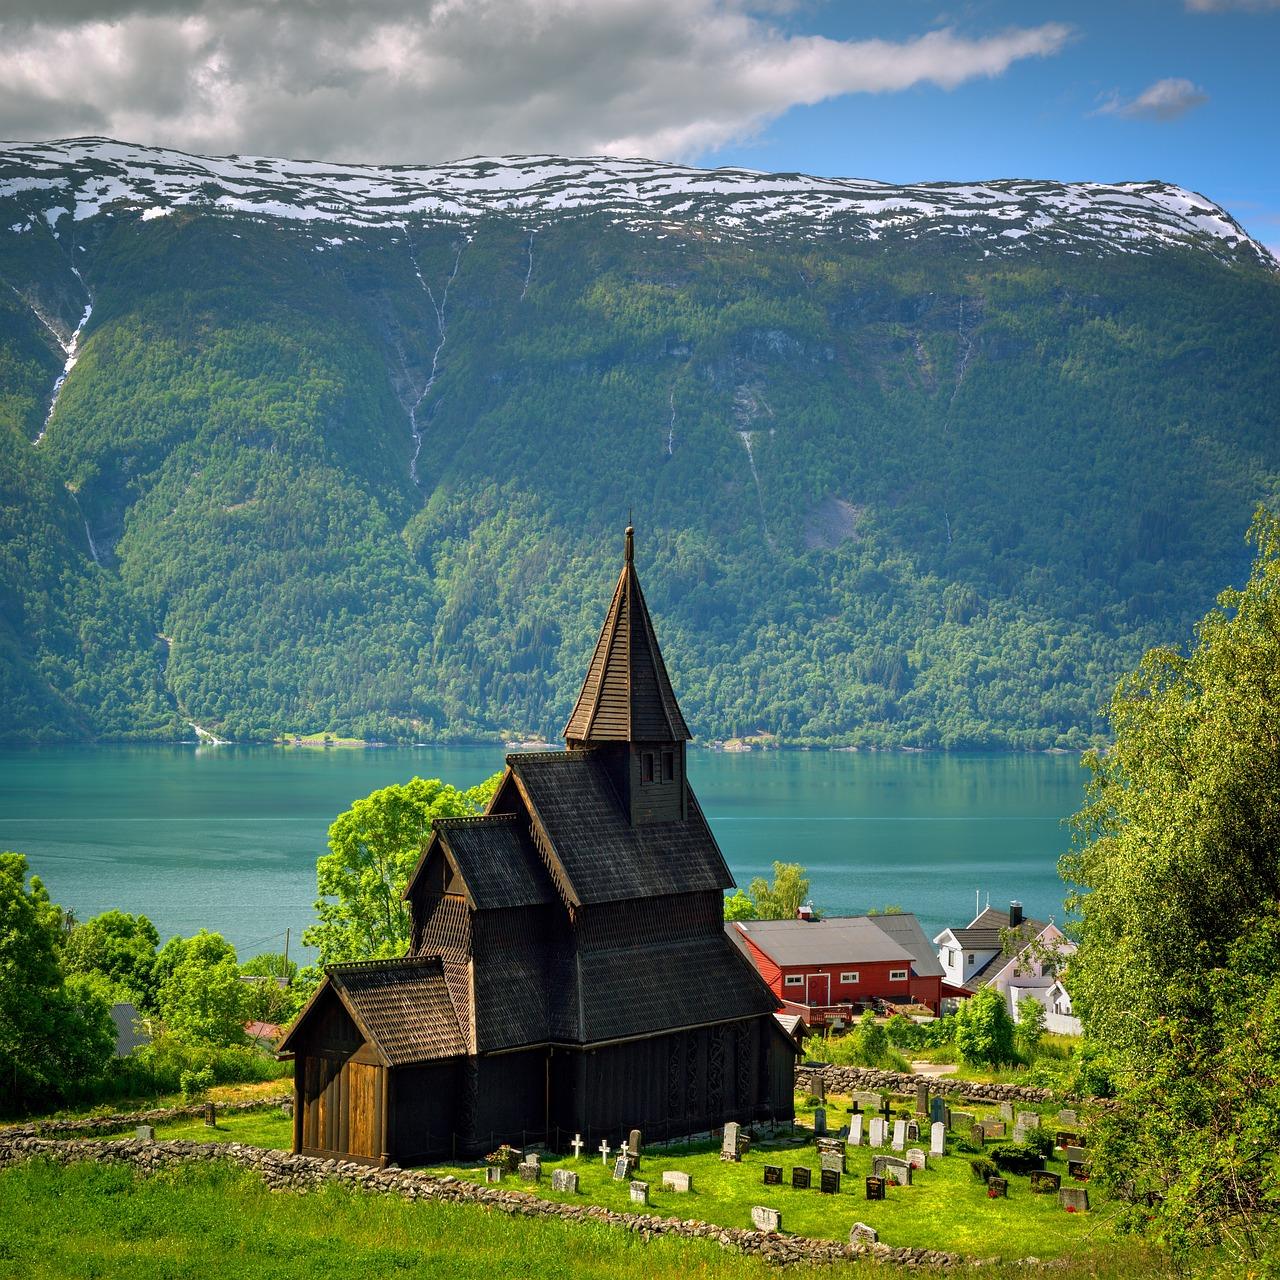 【北歐景點】深入挪威 – 精選推薦世界遺產松恩峽灣最美的7個小鎮! 84